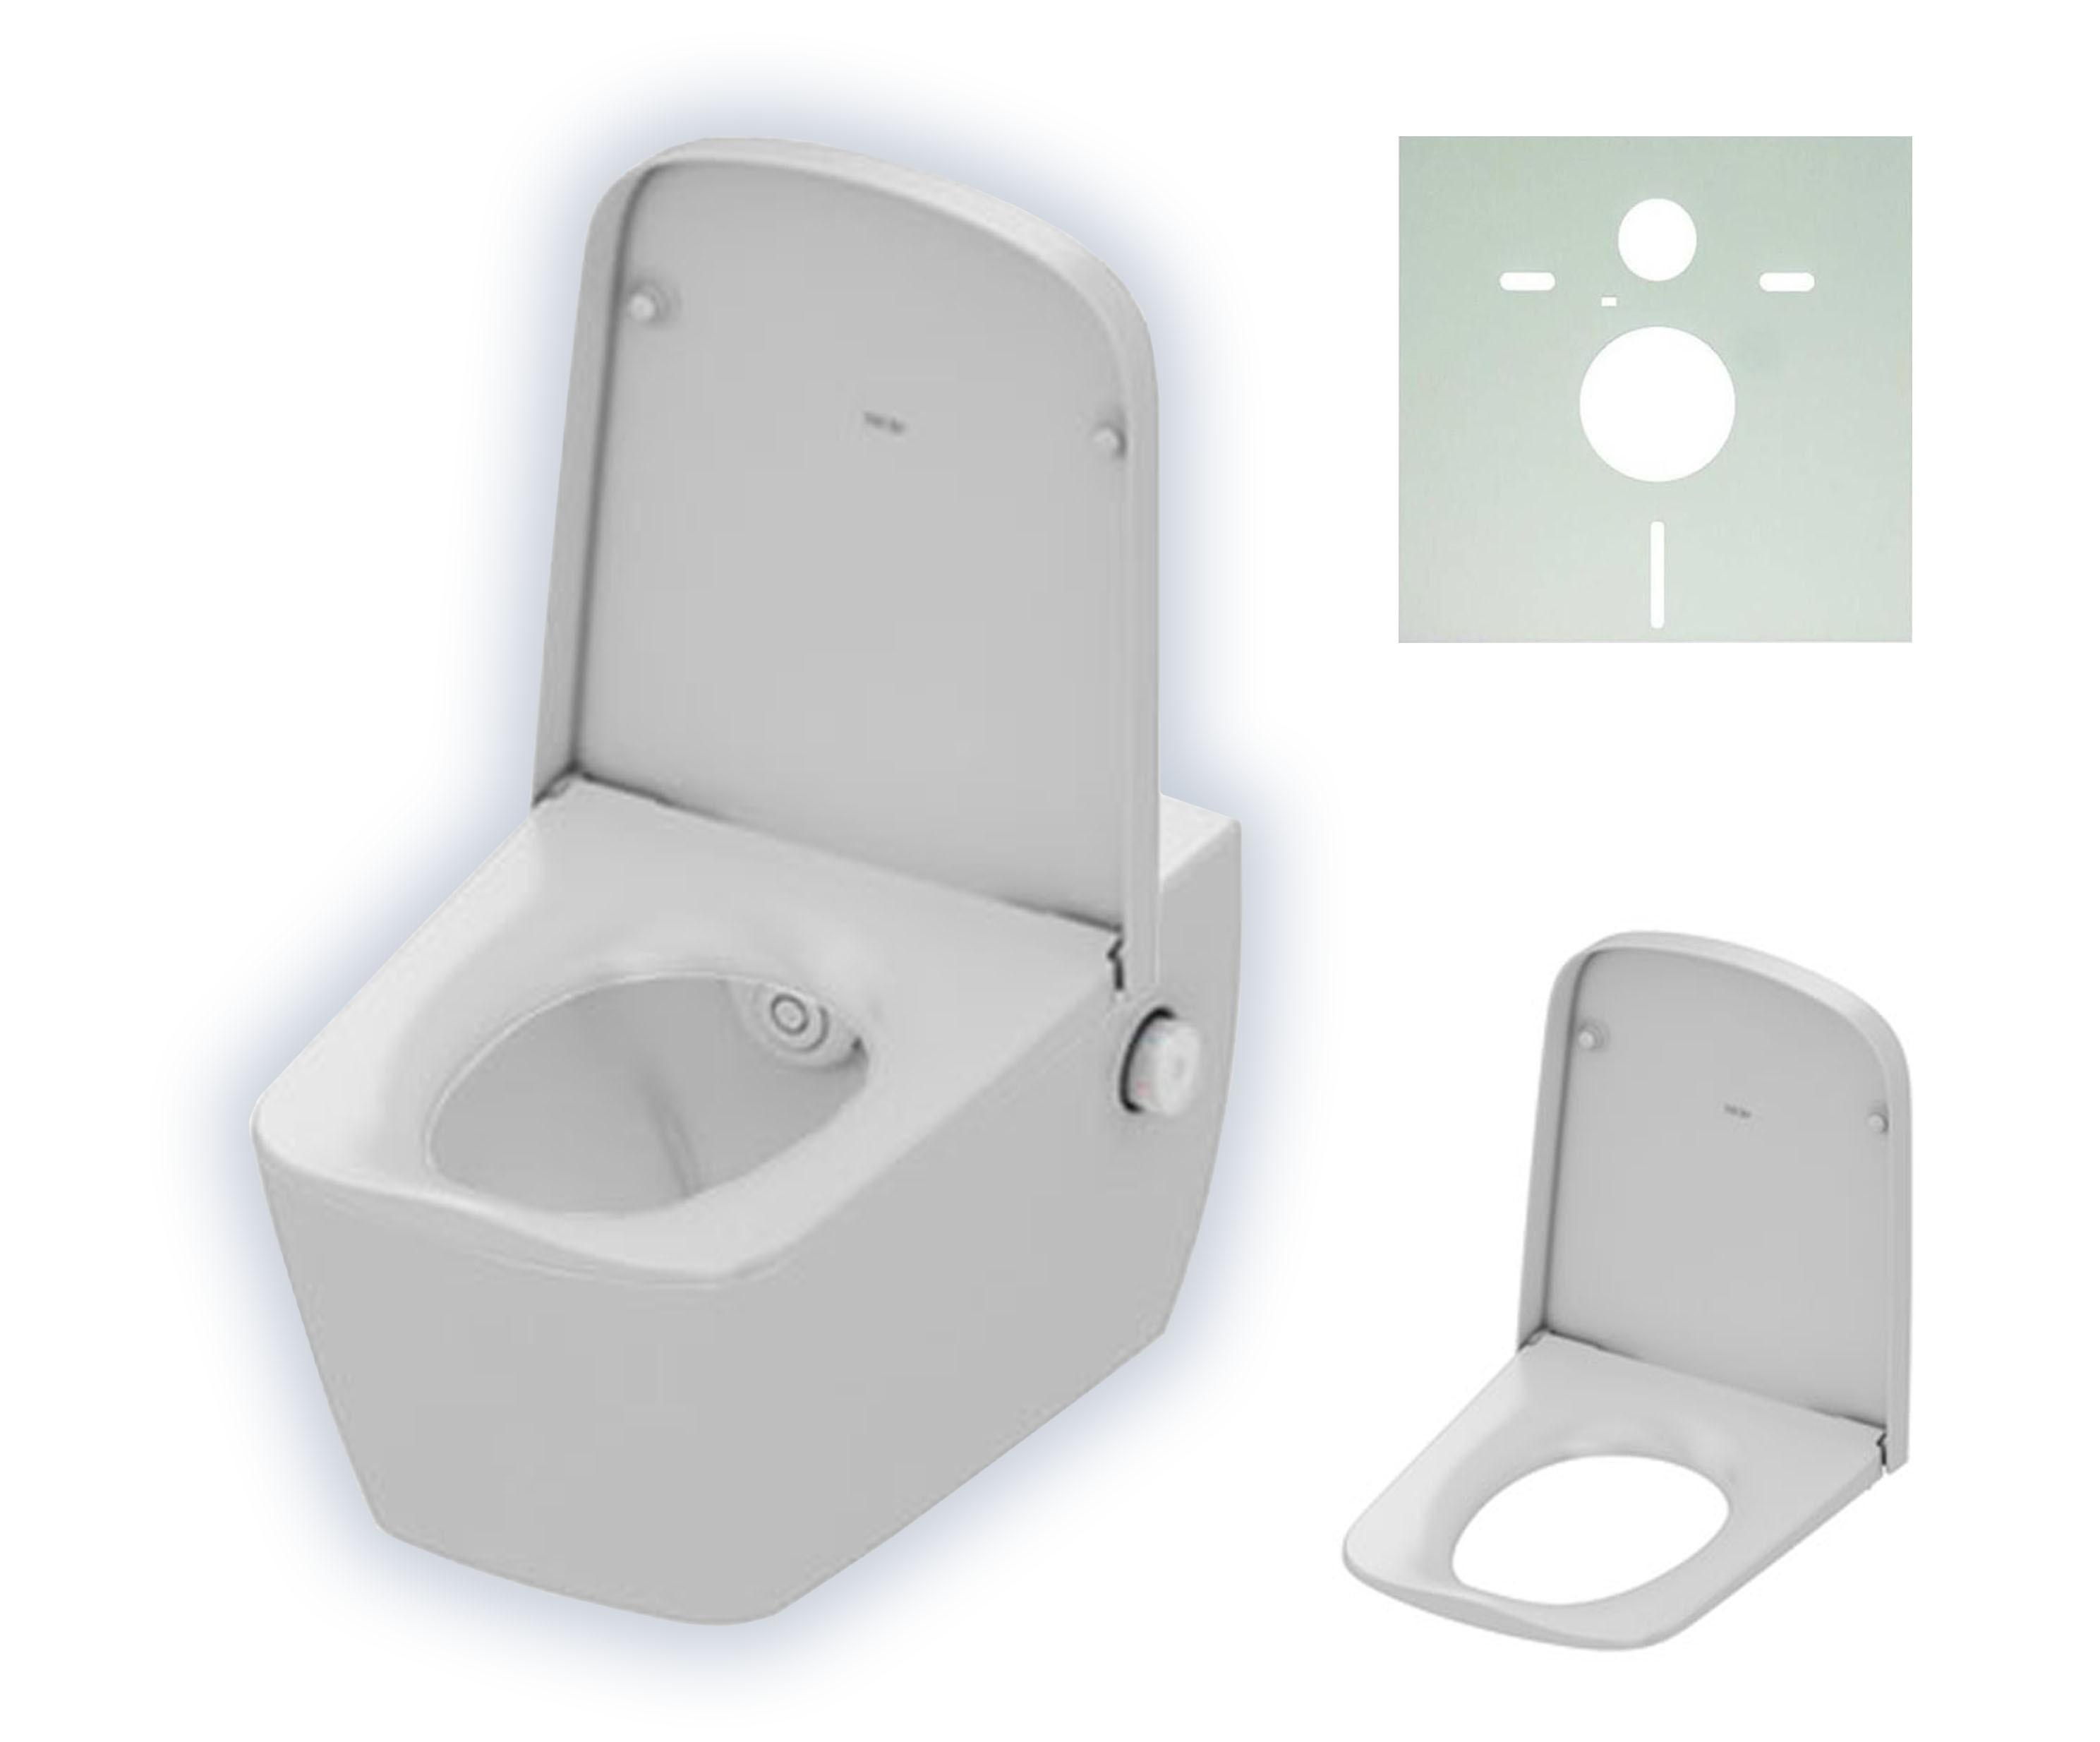 teceone wc keramik mit duschfunktion tiefsp ler wei. Black Bedroom Furniture Sets. Home Design Ideas